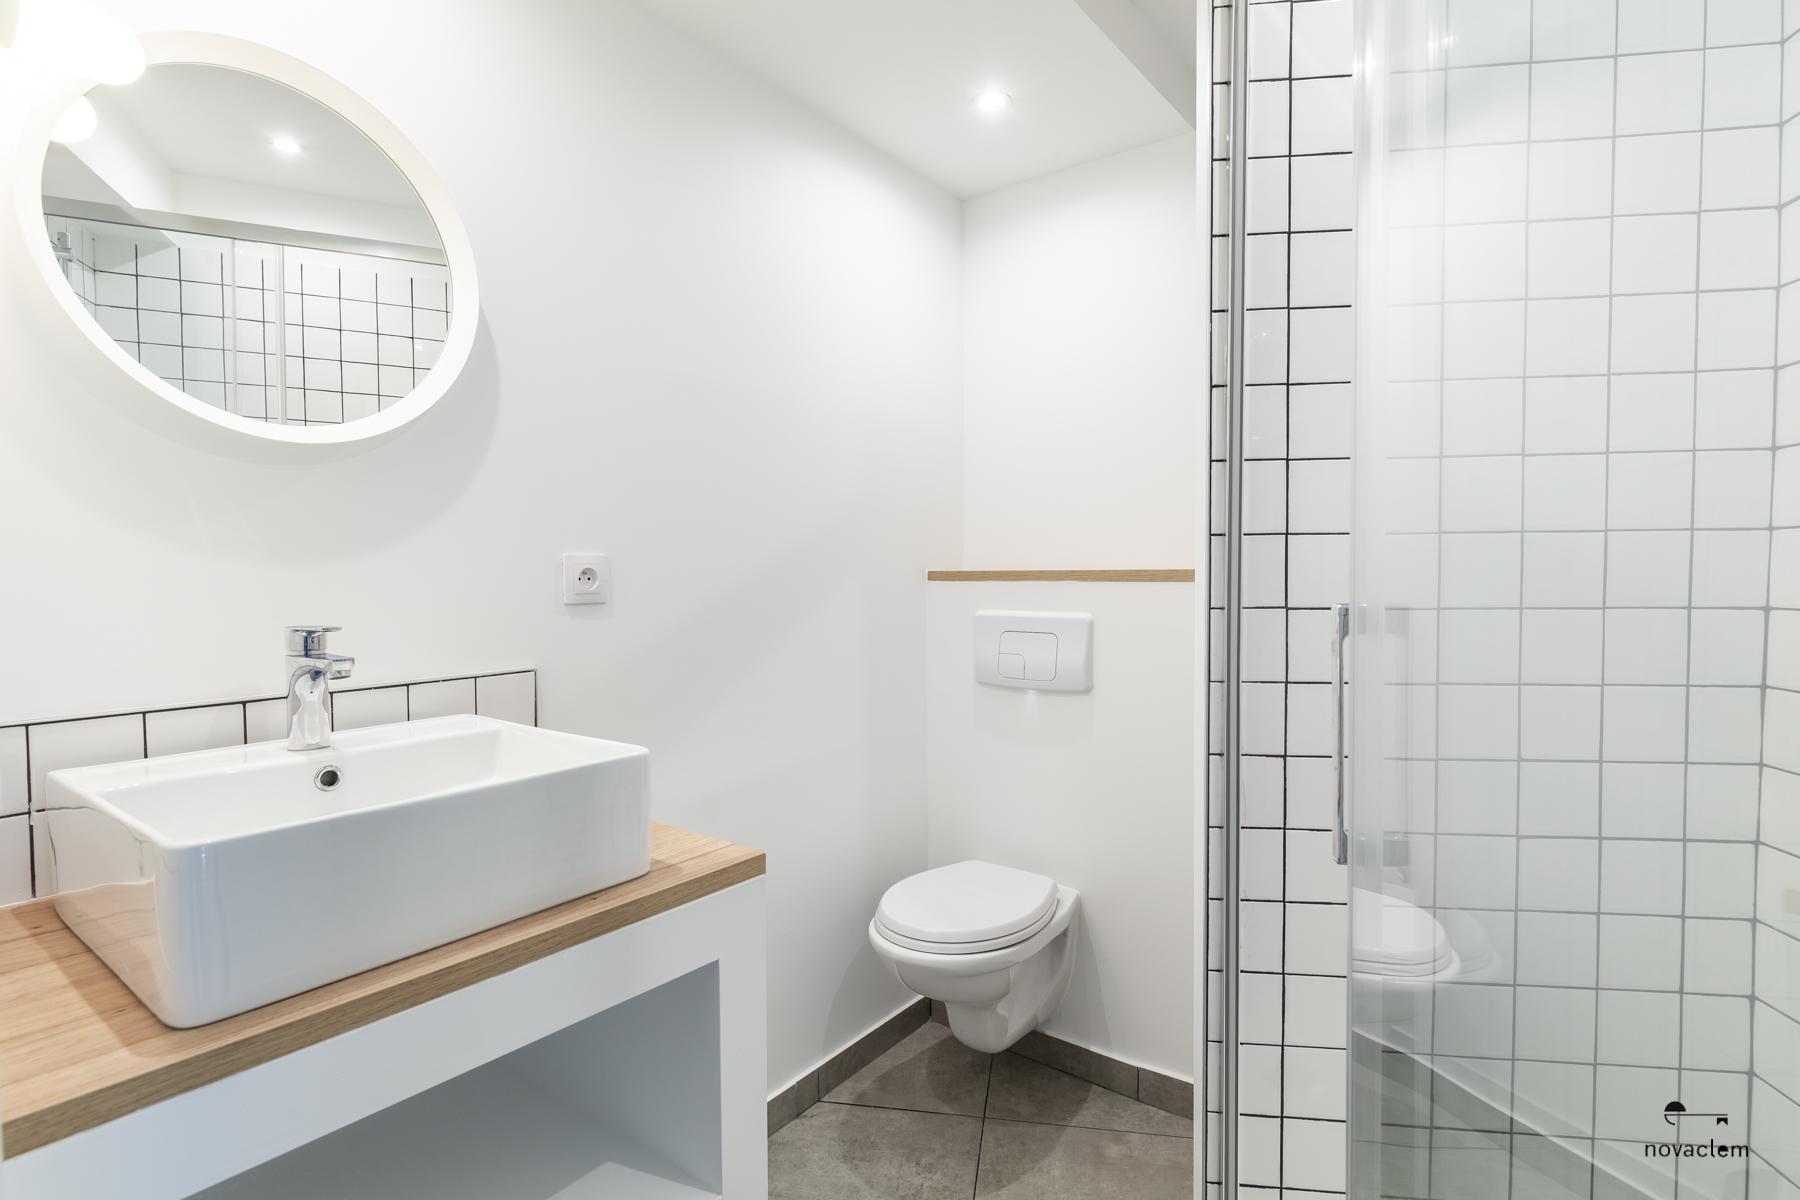 Novaclem - salle de bain après travaux Coloc Galinat - Investissement Marseille